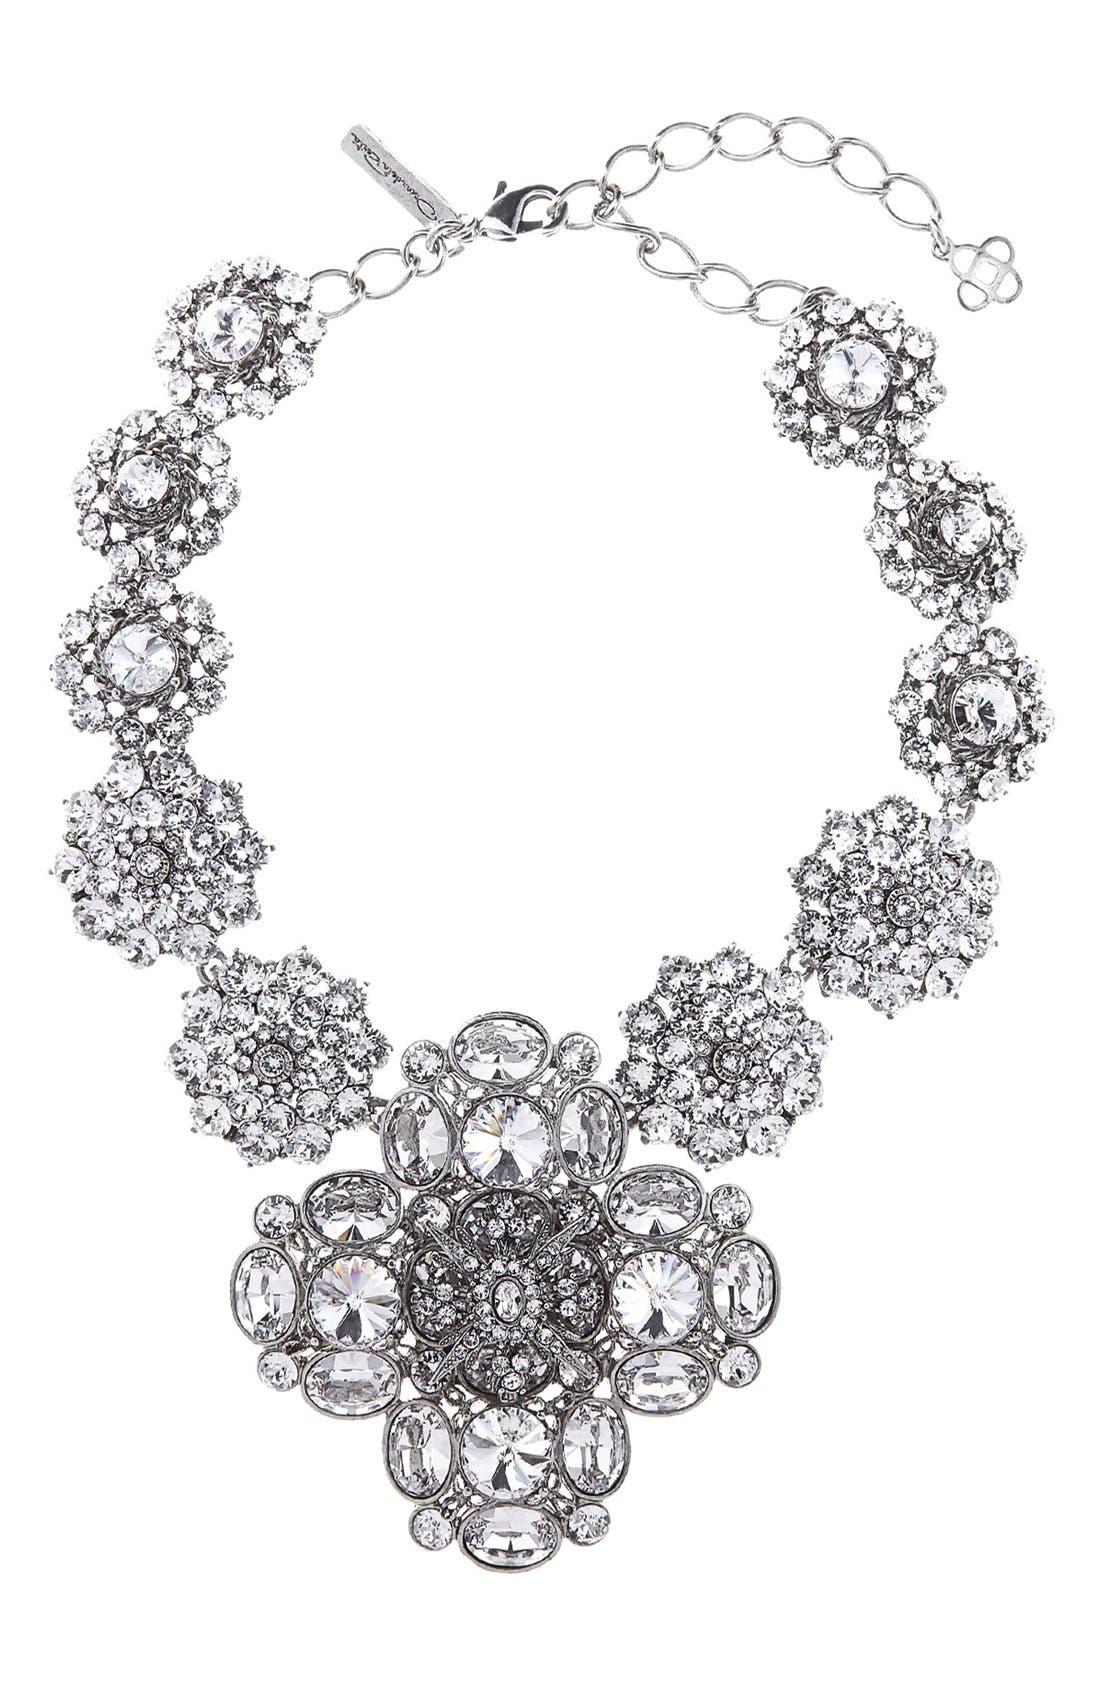 Alternate Image 1 Selected - Oscar de la Renta Jewel Collar Necklace